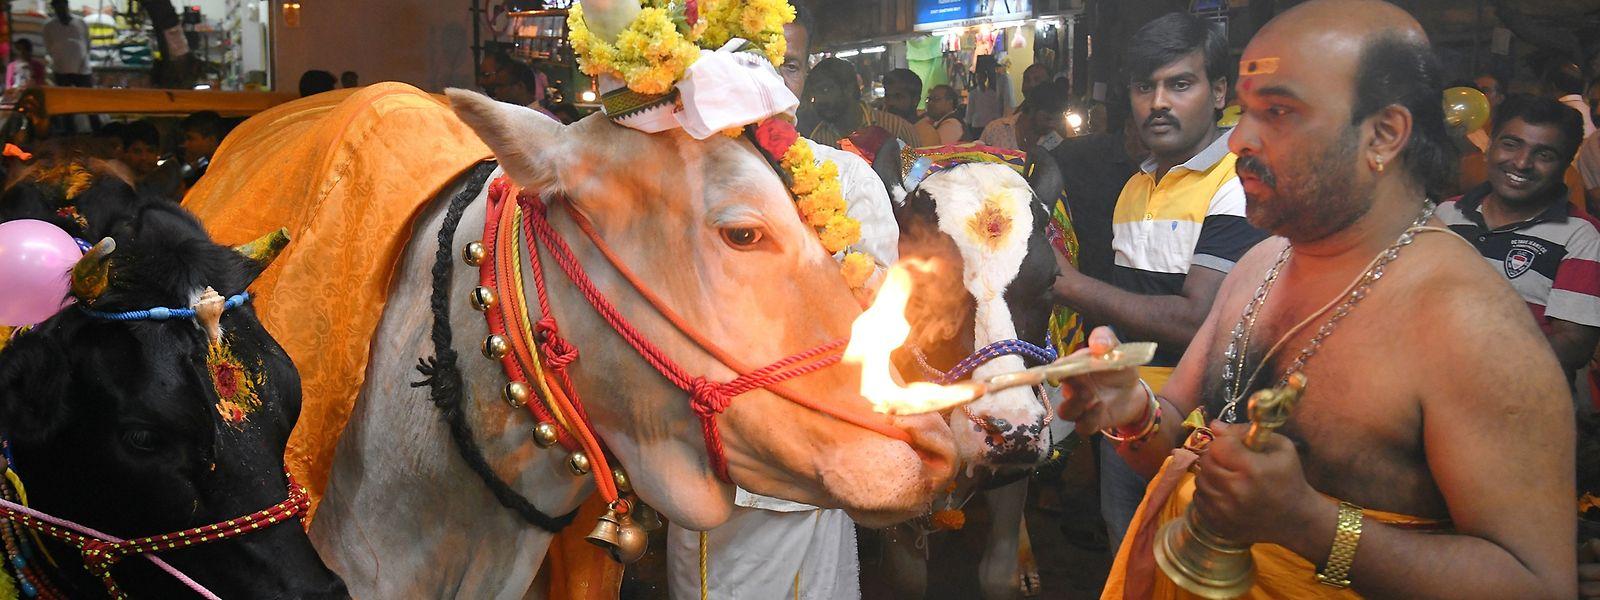 Kühe sind Hindus in Indien heilig, weil sie den Menschen mit lebensnotwendigen Dingen versorgen.